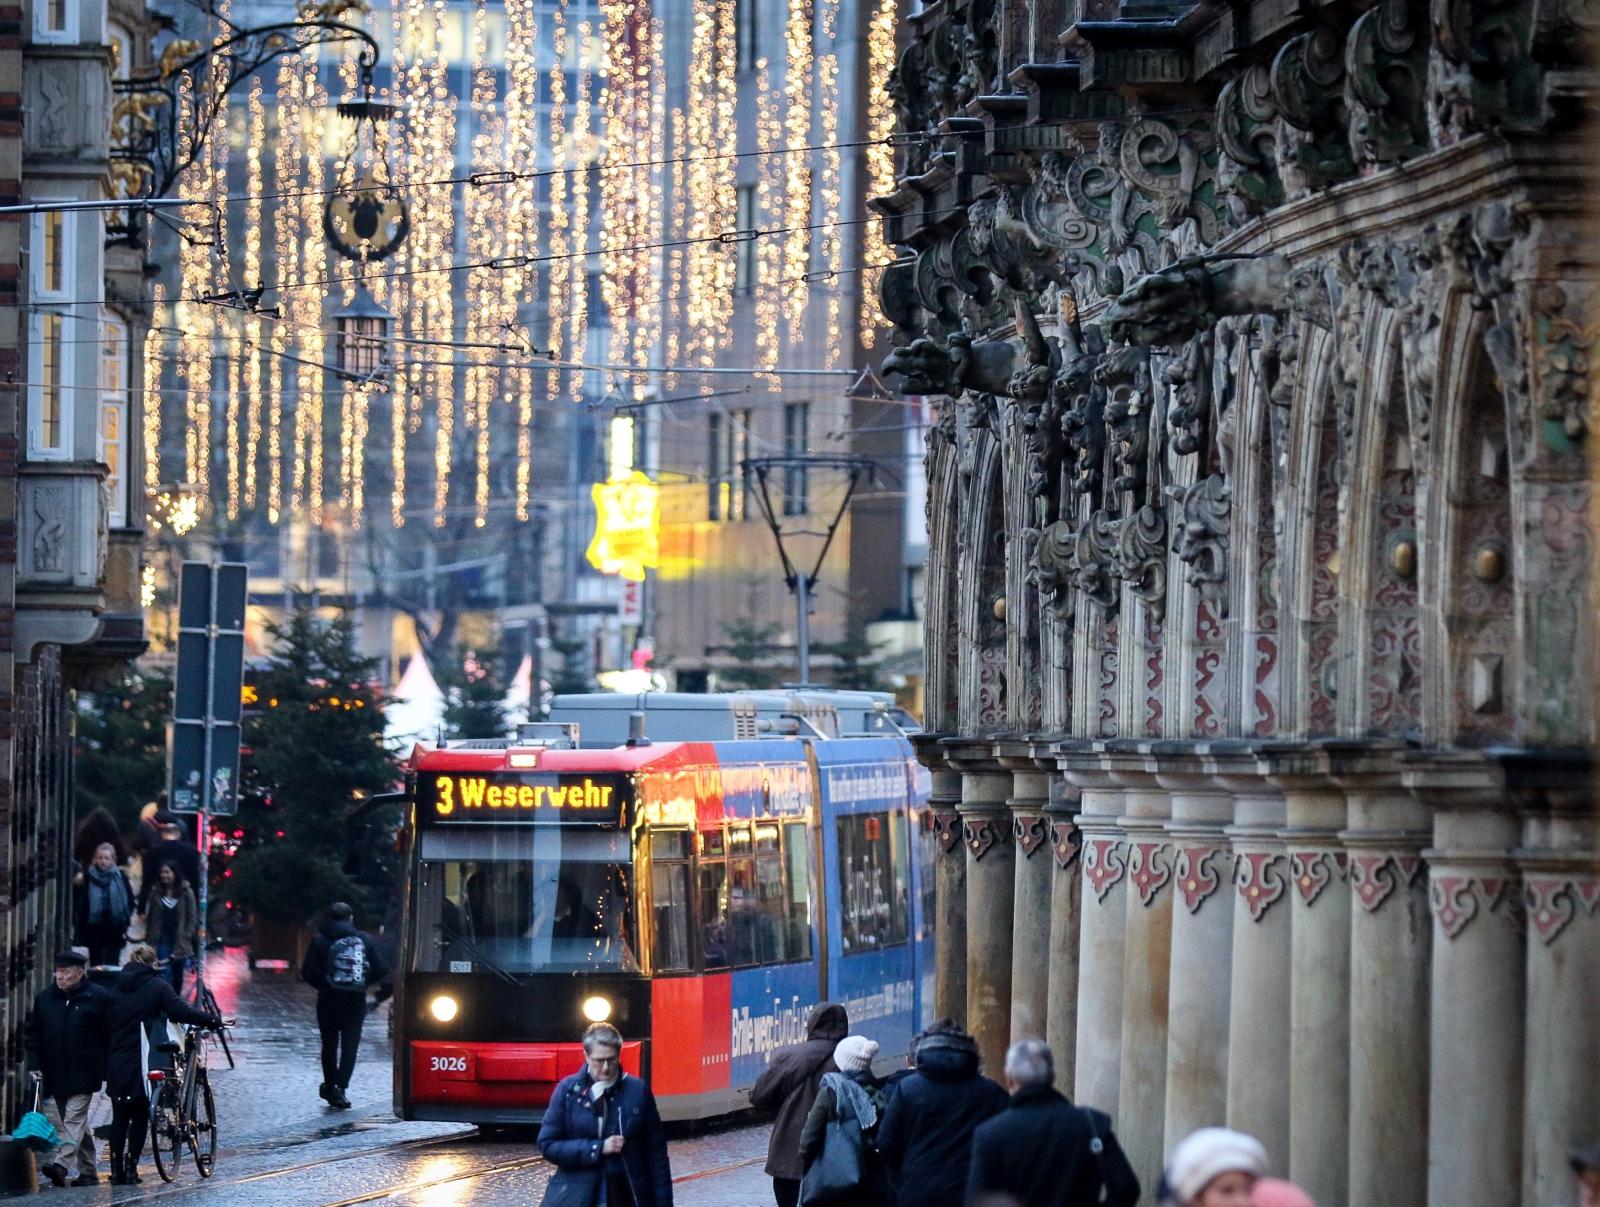 Tramwaj przejeżdża obok renesansowego budynku z Bremie, Niemcy.